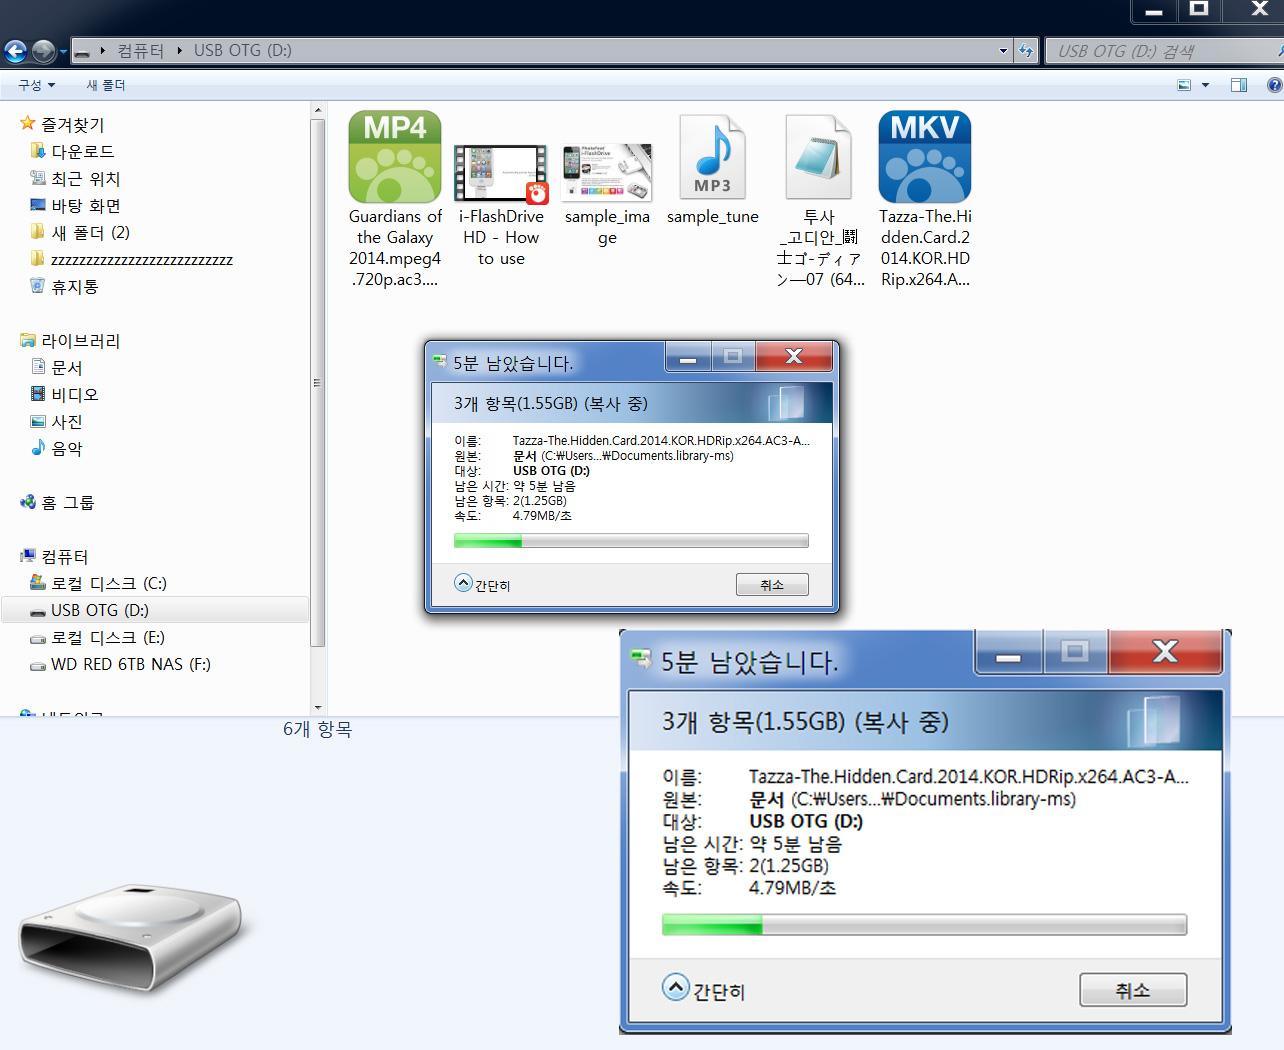 애플 iOS용 & 안드로이드 USB OTG 피노컴 I-FLASHDRIVE 애플OTG 안드로이드OTG -35.jpg